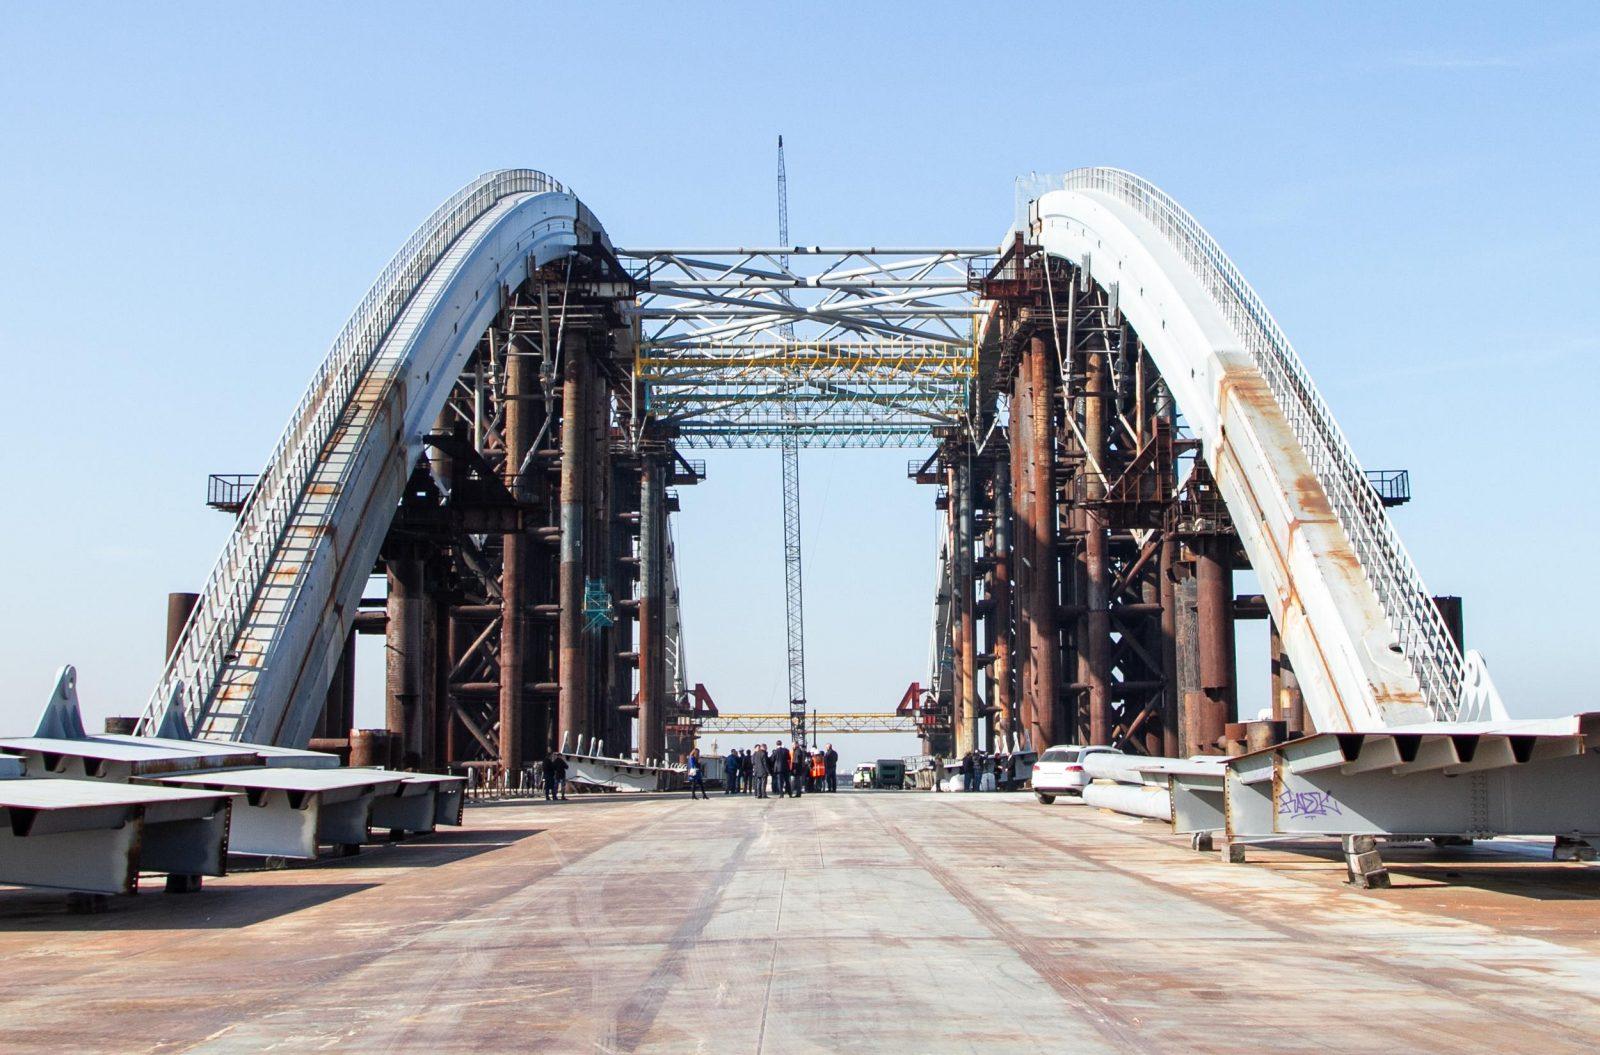 Як Укравтодор планує відновлювати мости в Україні